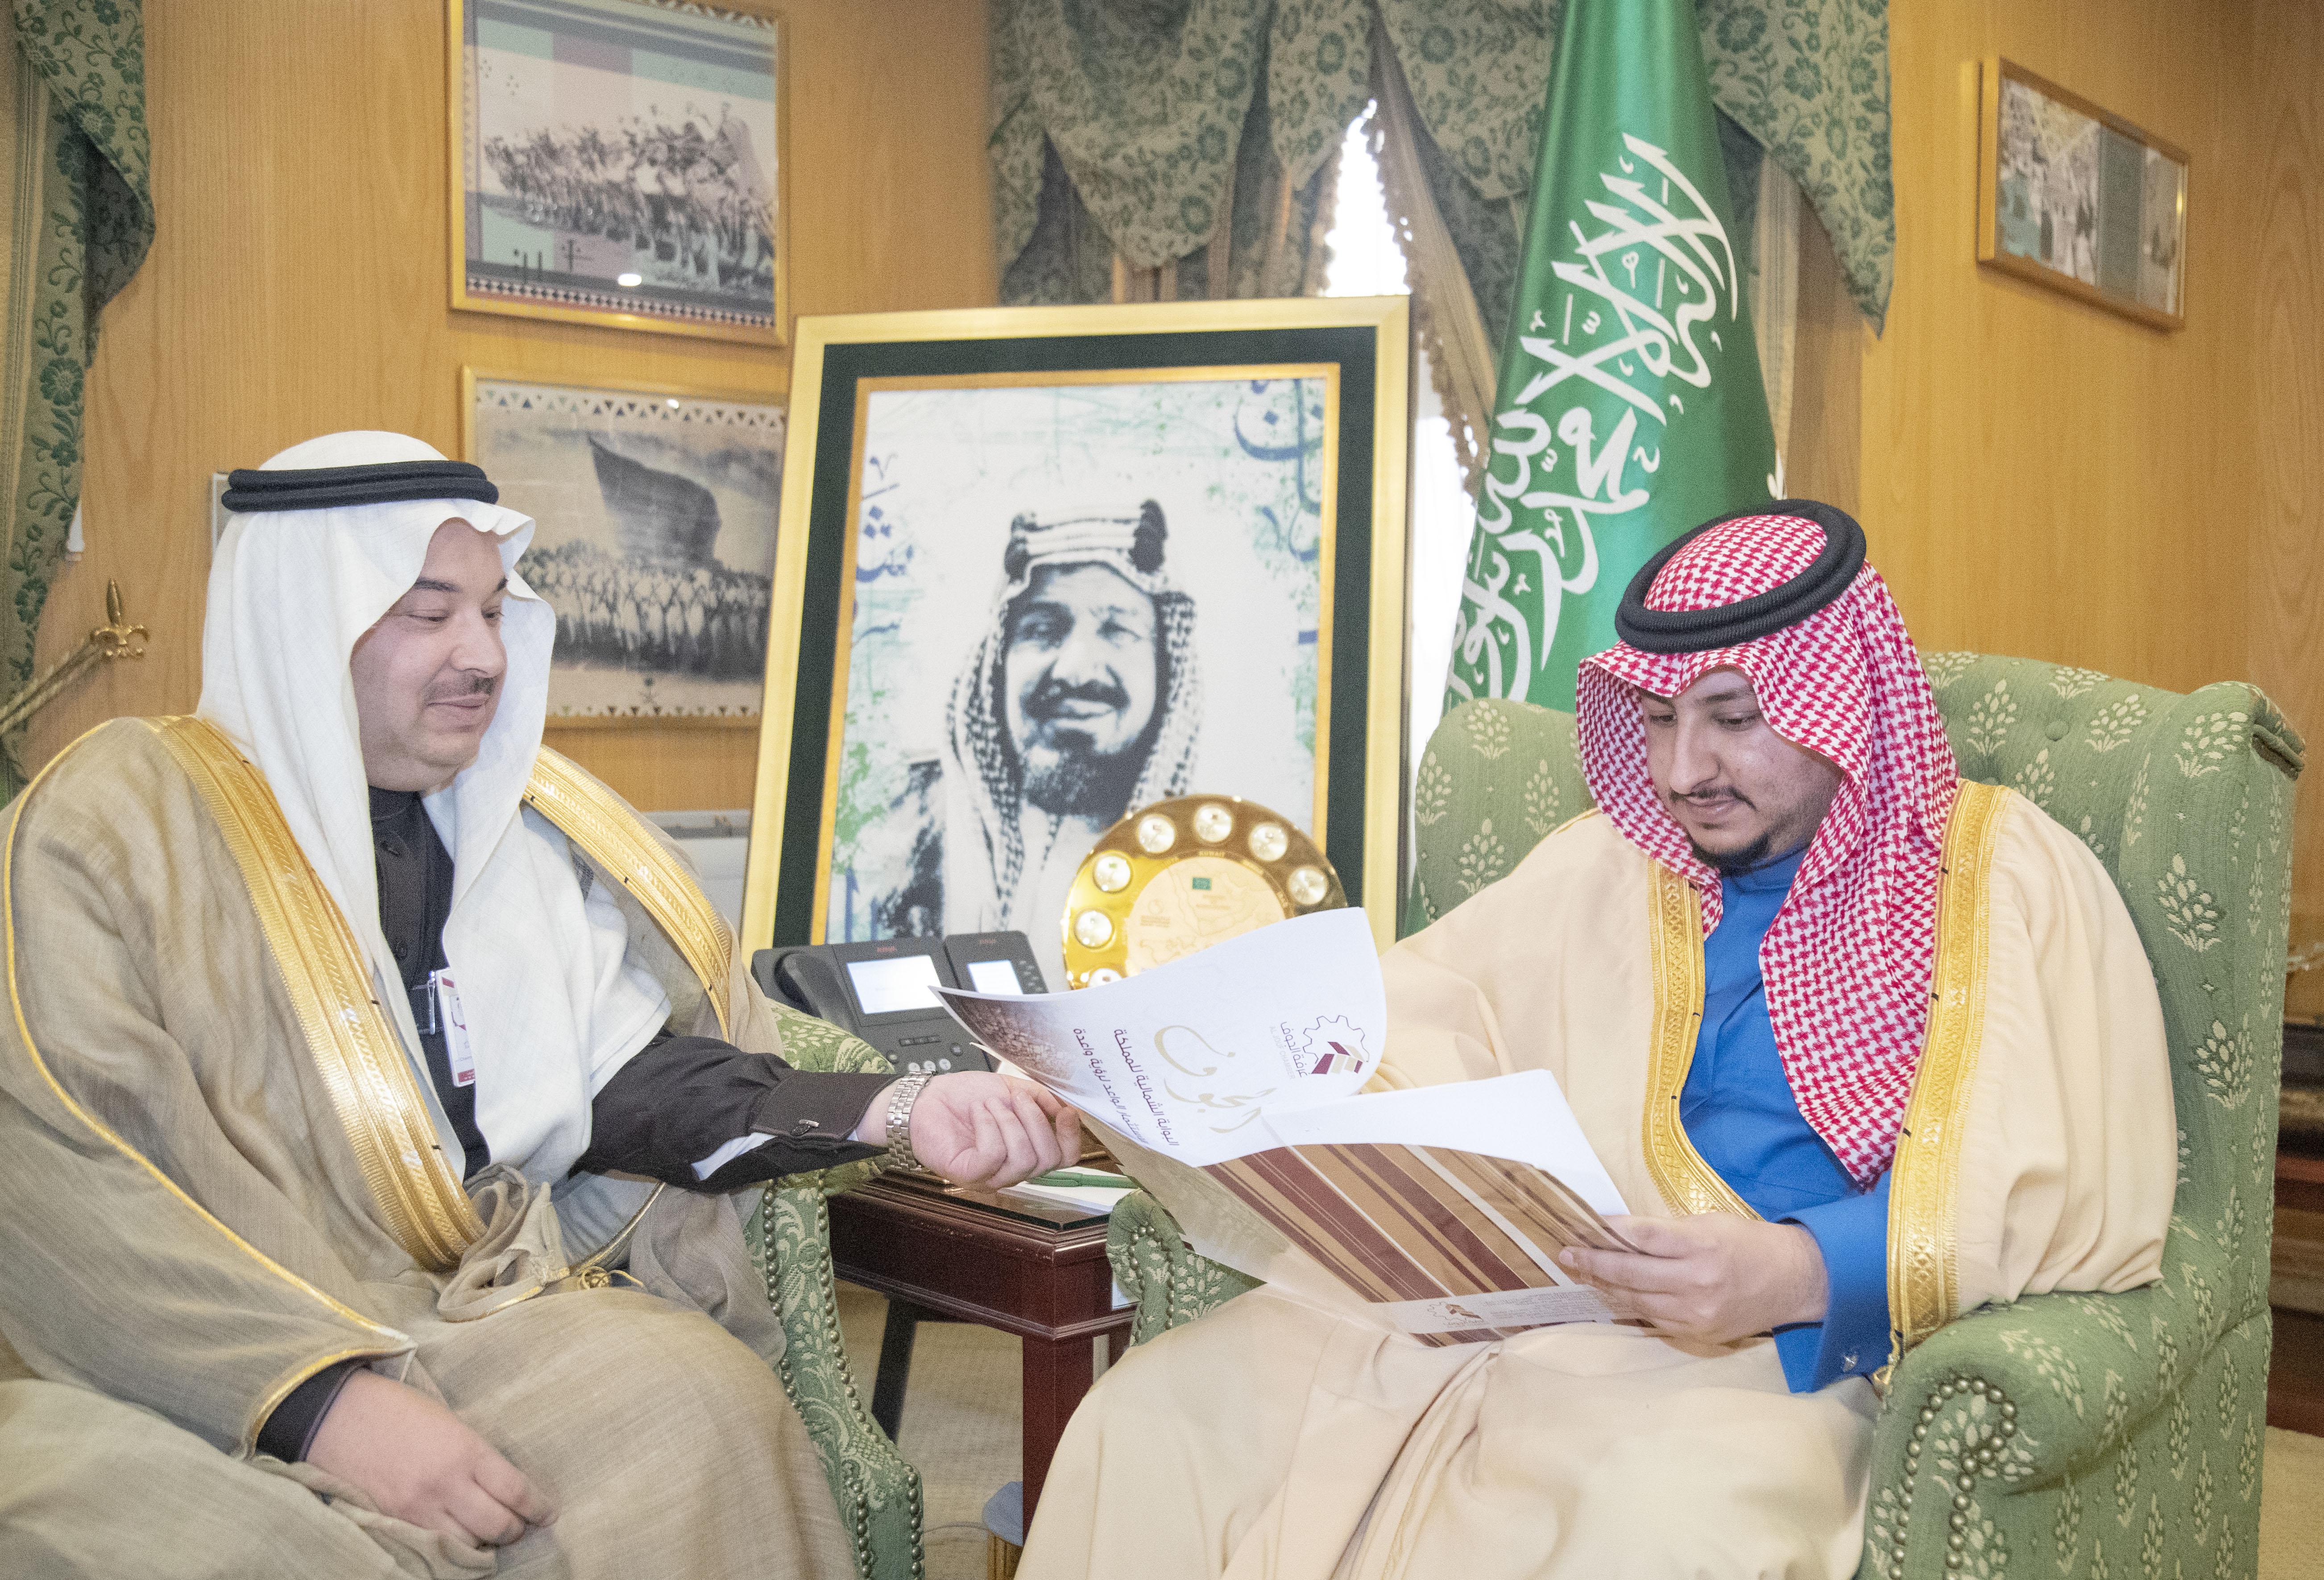 الأمير عبدالعزيز بن فهد يستقبل رئيس غرفة الجوف